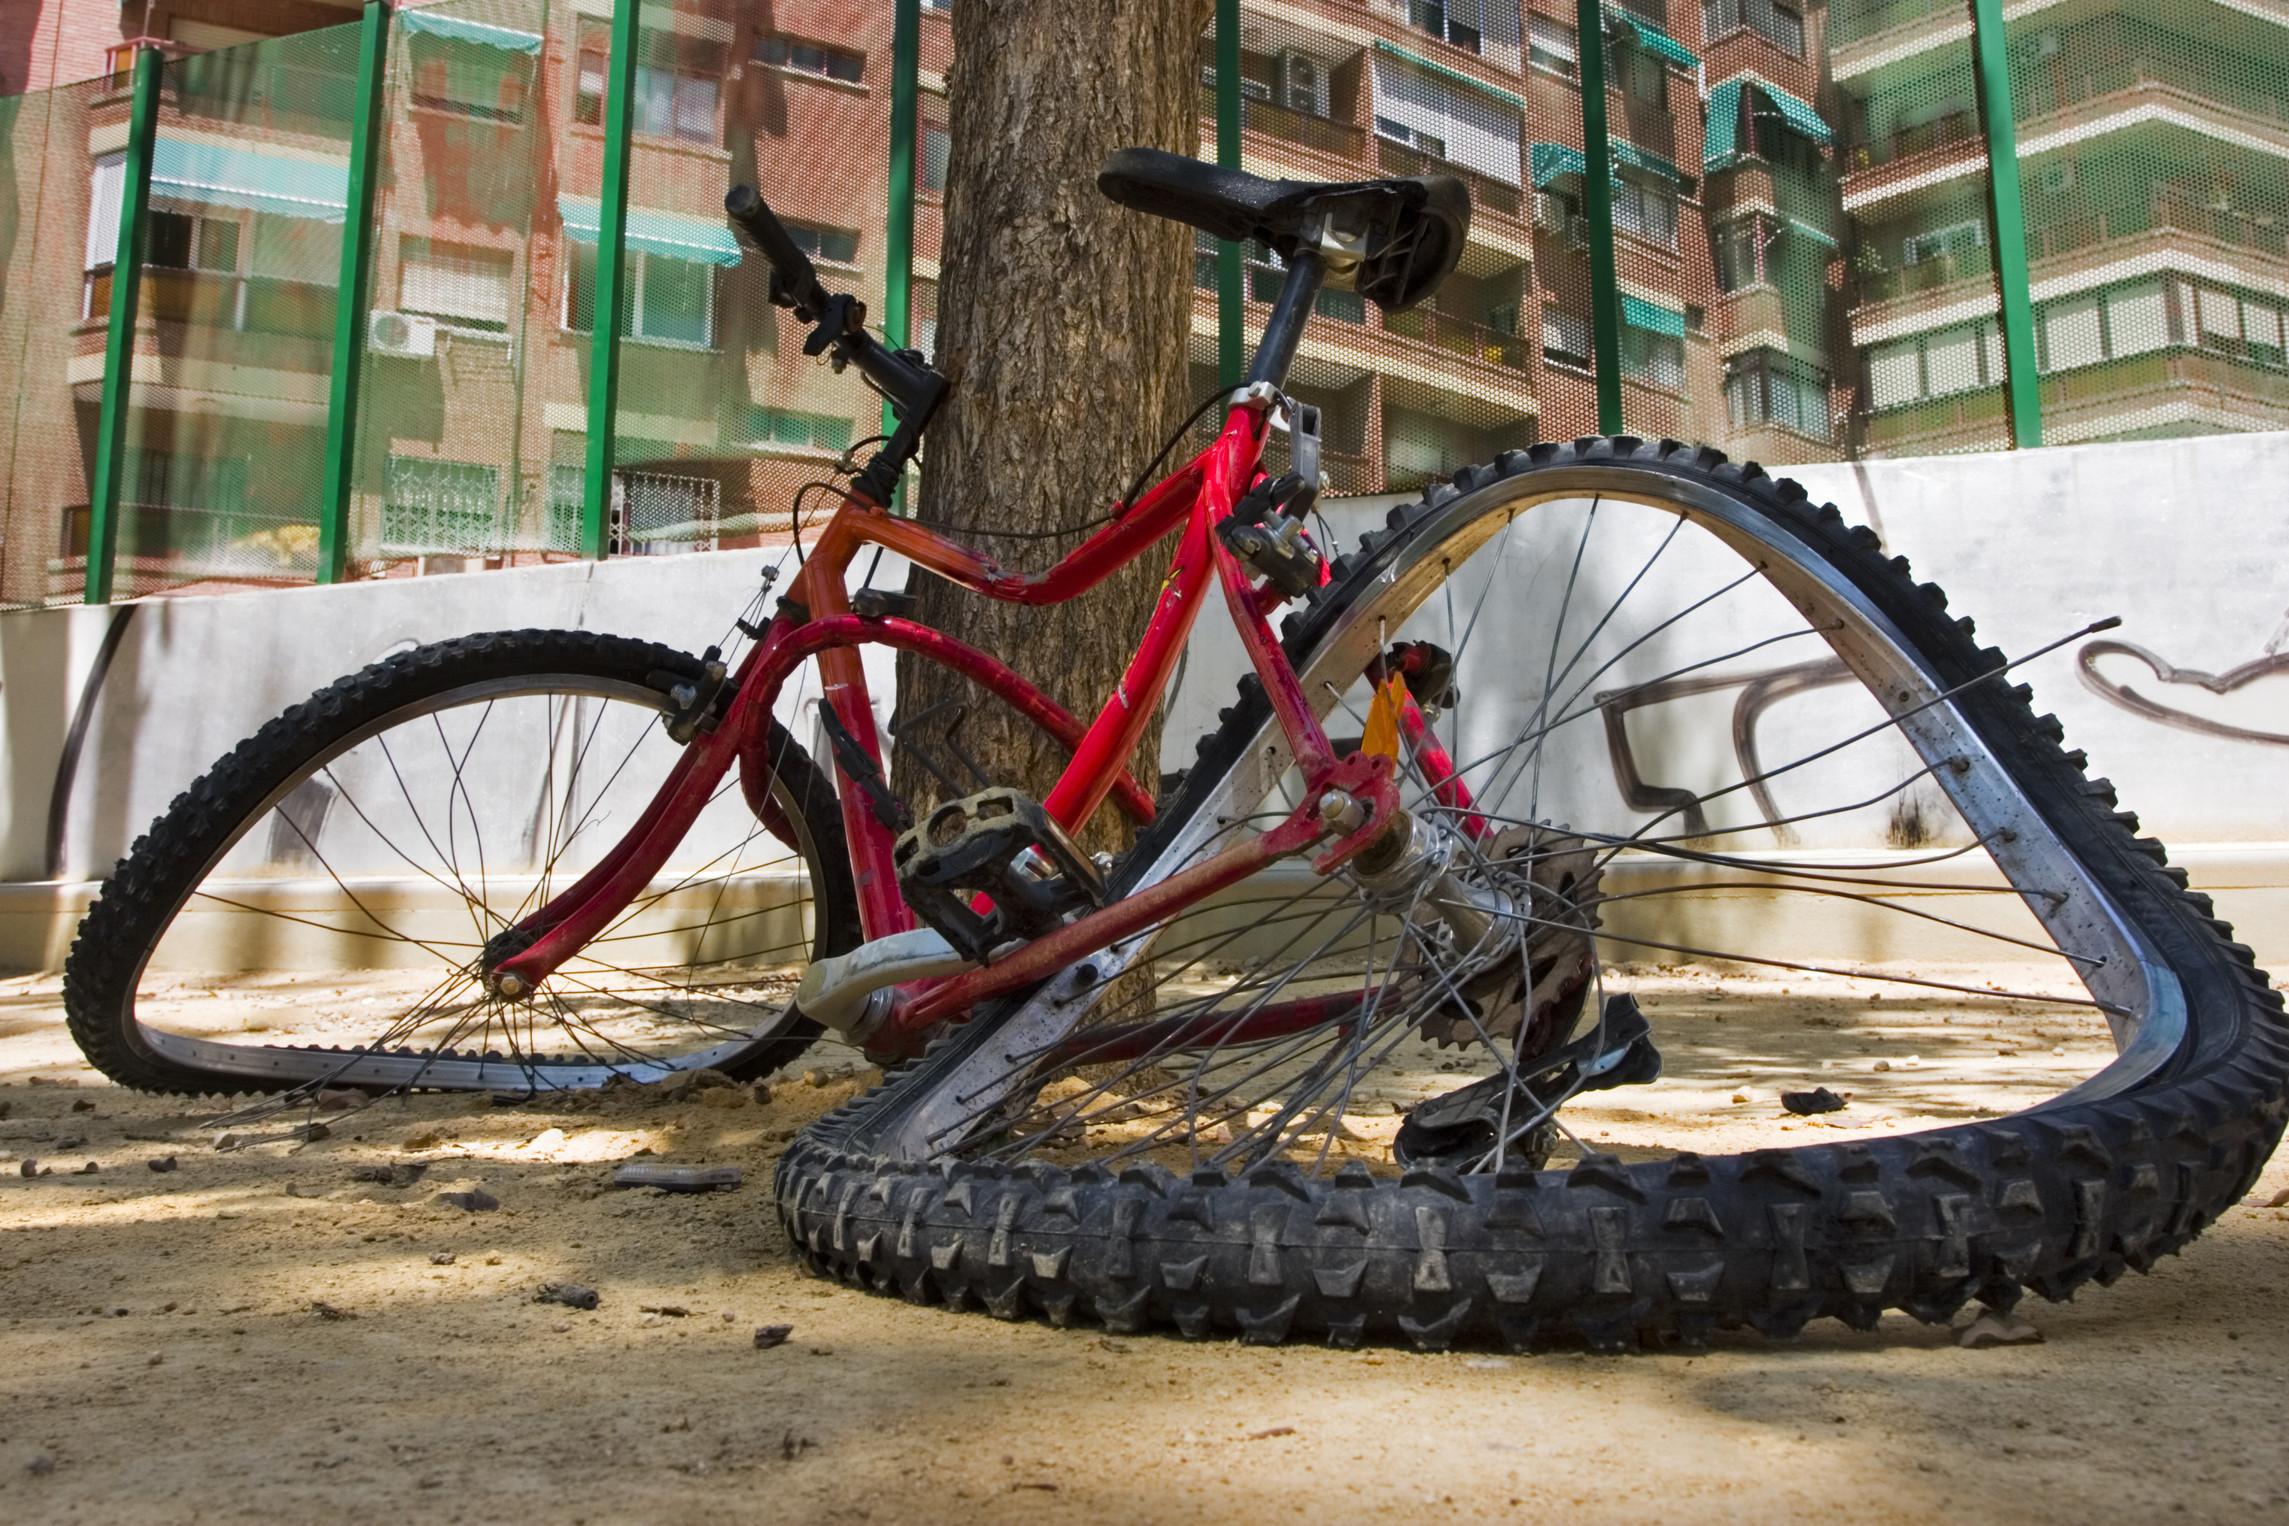 壊れた自転車のイメージ画像